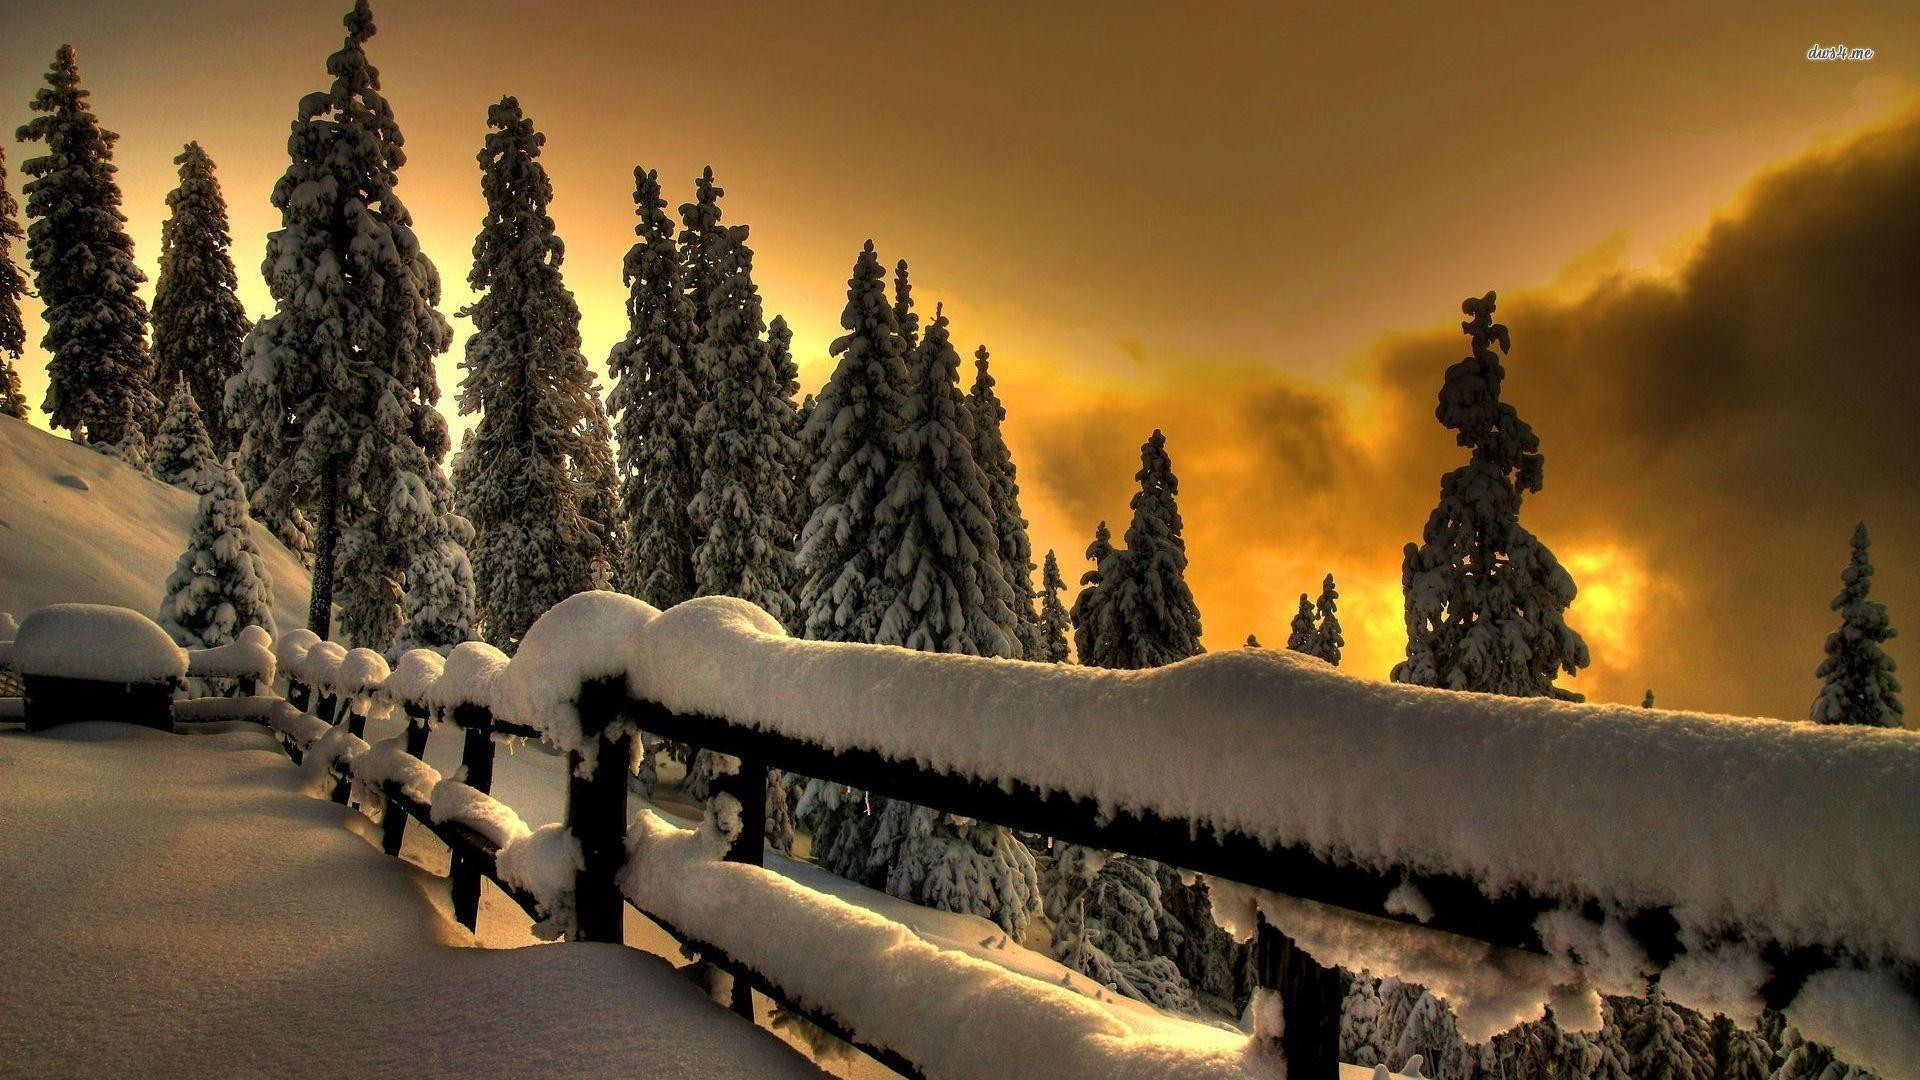 Winter Sunset Desktop Backgrounds Winter sunset ...